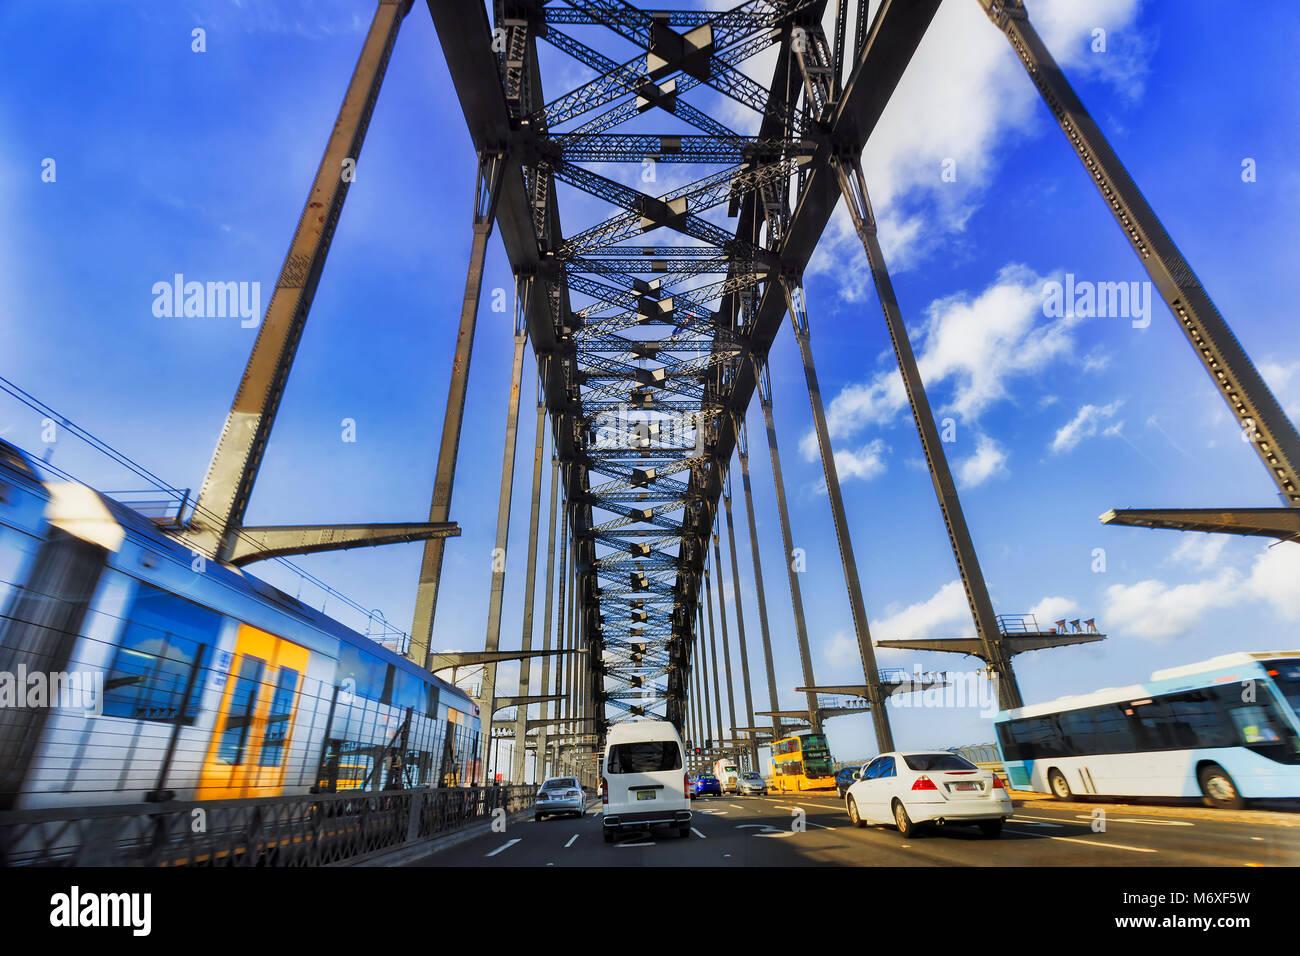 Mit öffentlichen Verkehrsmitteln und privaten Pkw während der intensiven Verkehr Hauptverkehrszeit fahren Stockbild